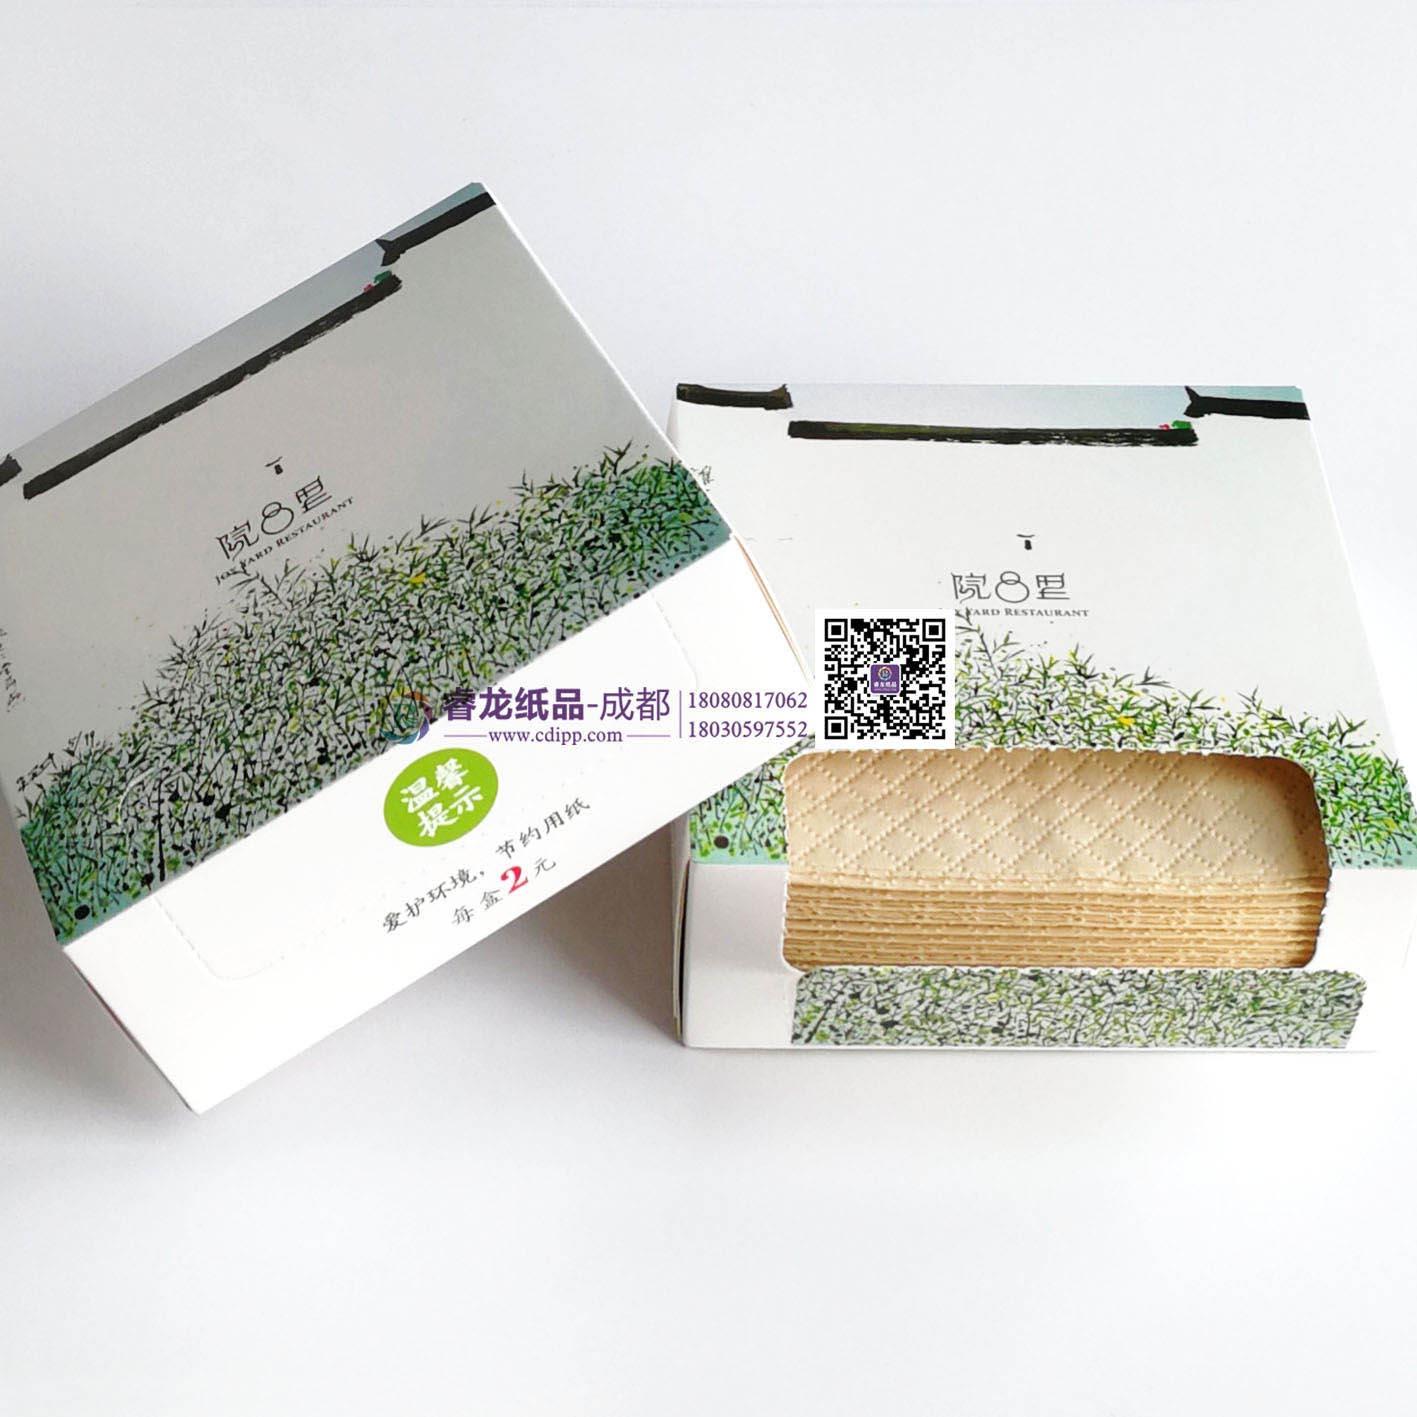 【成都餐巾纸、成都盒装餐巾纸】实力工厂★免费印字✈睿龙纸品✔